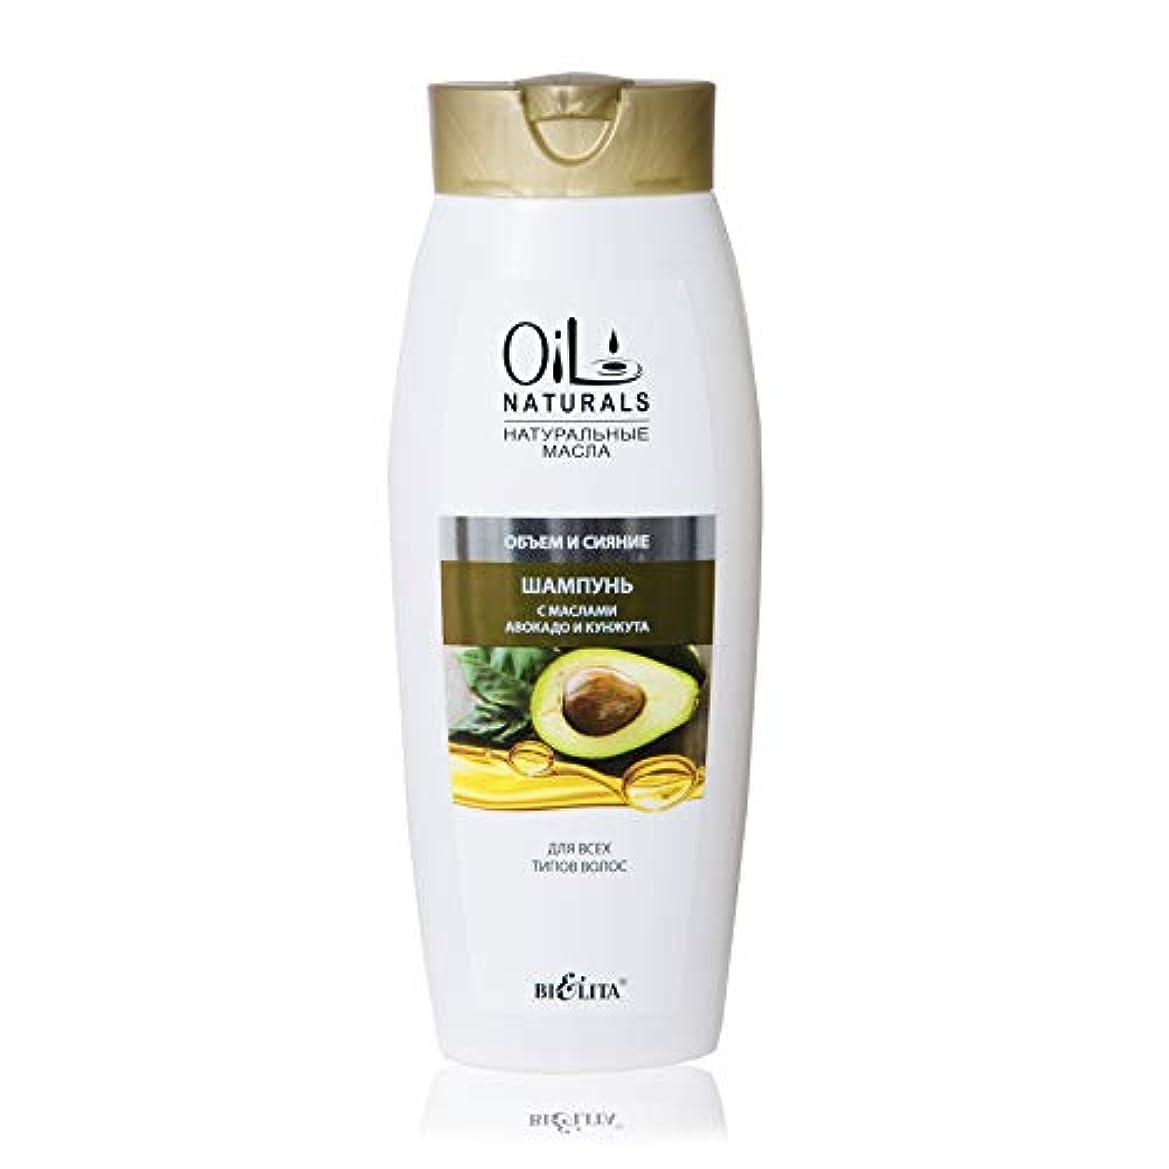 アイドルアスリート民間Bielita & Vitex Oil Naturals Line   Volume & Shine Oils Shampoo for All Hair Types, 430 ml   Avocado Oil, Silk...